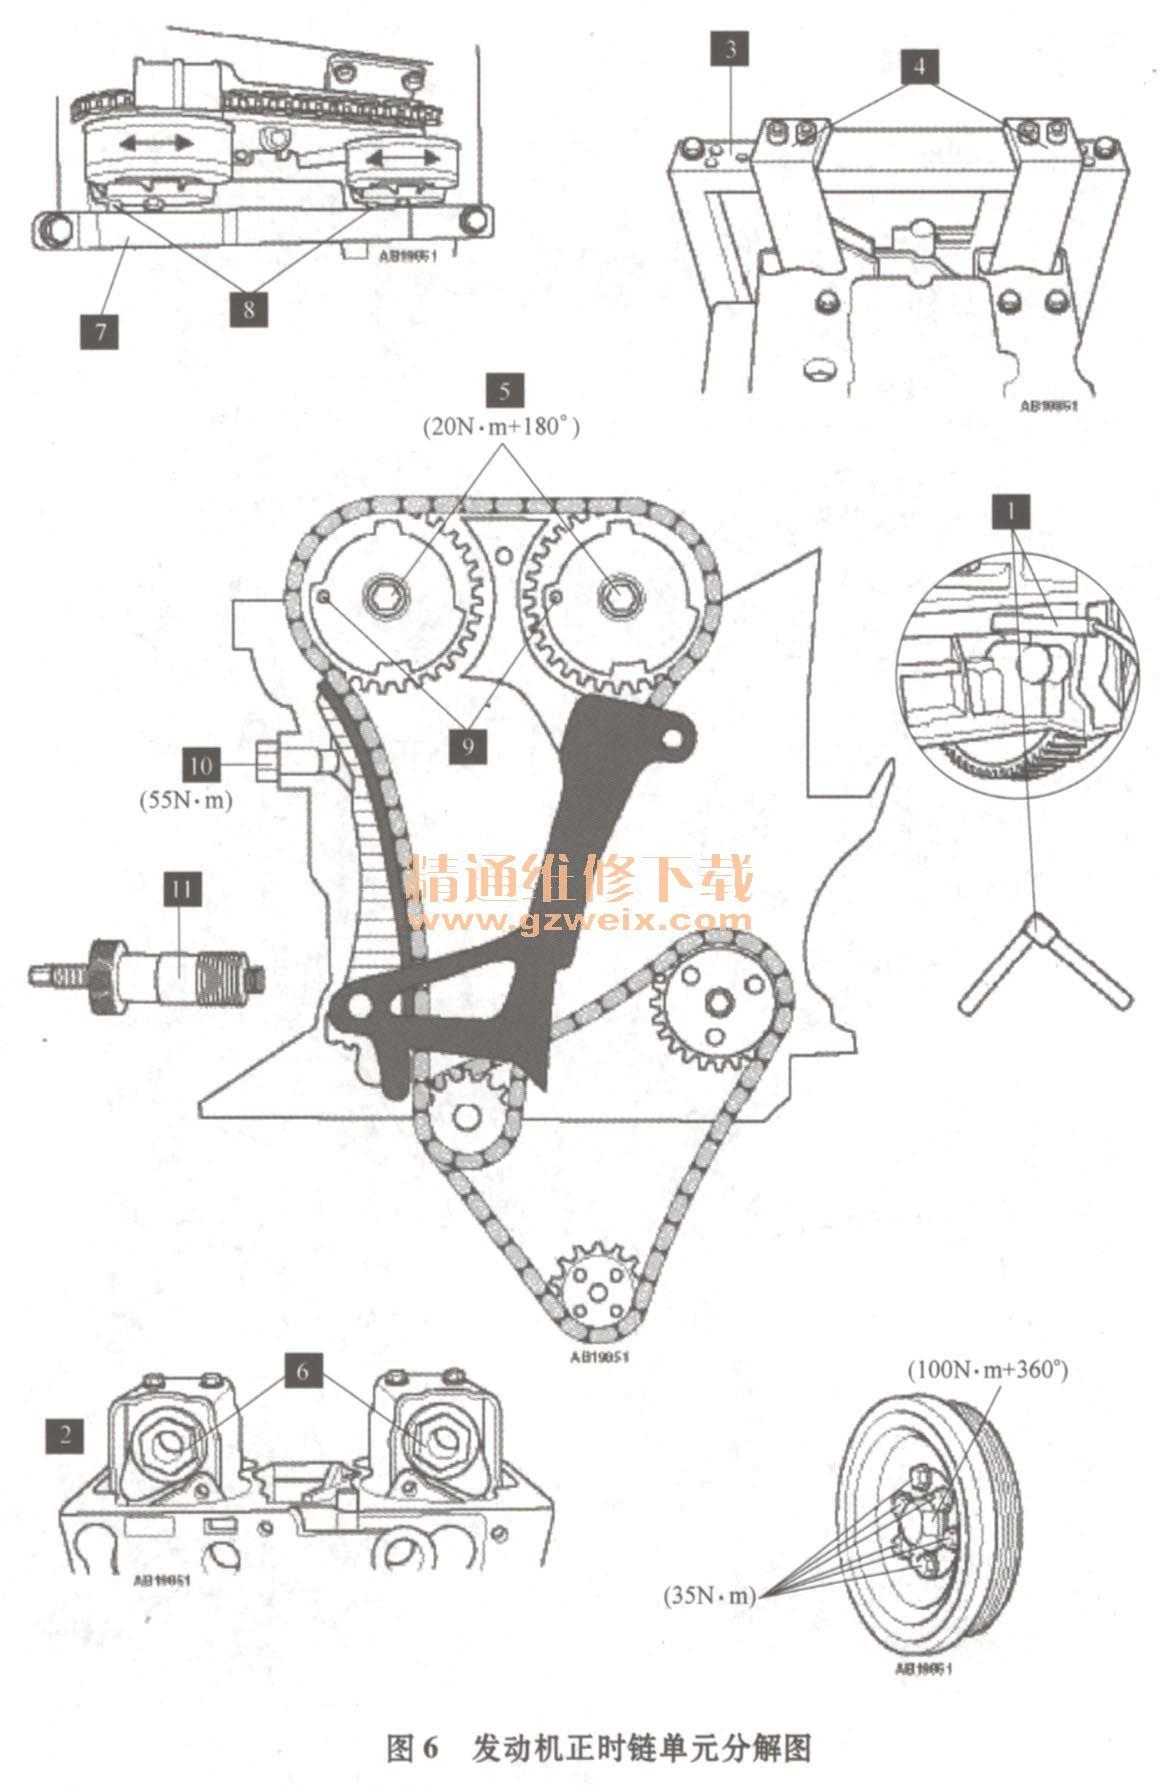 2007款宝马523i装备N53 B25A 2.5L发动机正时校对方法 1.发动机正时链单元分解 发动机正时链单元分解图如图6所示。  2.发动机正时链单元拆卸 1)设置发动机第1缸于上止点(TDC)位置。 2)拆卸气缸体堵头。 3)插入飞轮/驱动板正时销1。正时销安装正确时,发动机将不能转动。 4)确保第6缸凸轮轴在发动机后部的定位如图6中2所示。 5)确保凸轮轴定位工具3和4可以正常安装。如果不能安装,则按照如下步骤调整凸轮轴: 松开每个凸轮轴调整器的中央螺栓5。 用扳手控制住凸轮轴的六边形部件6。